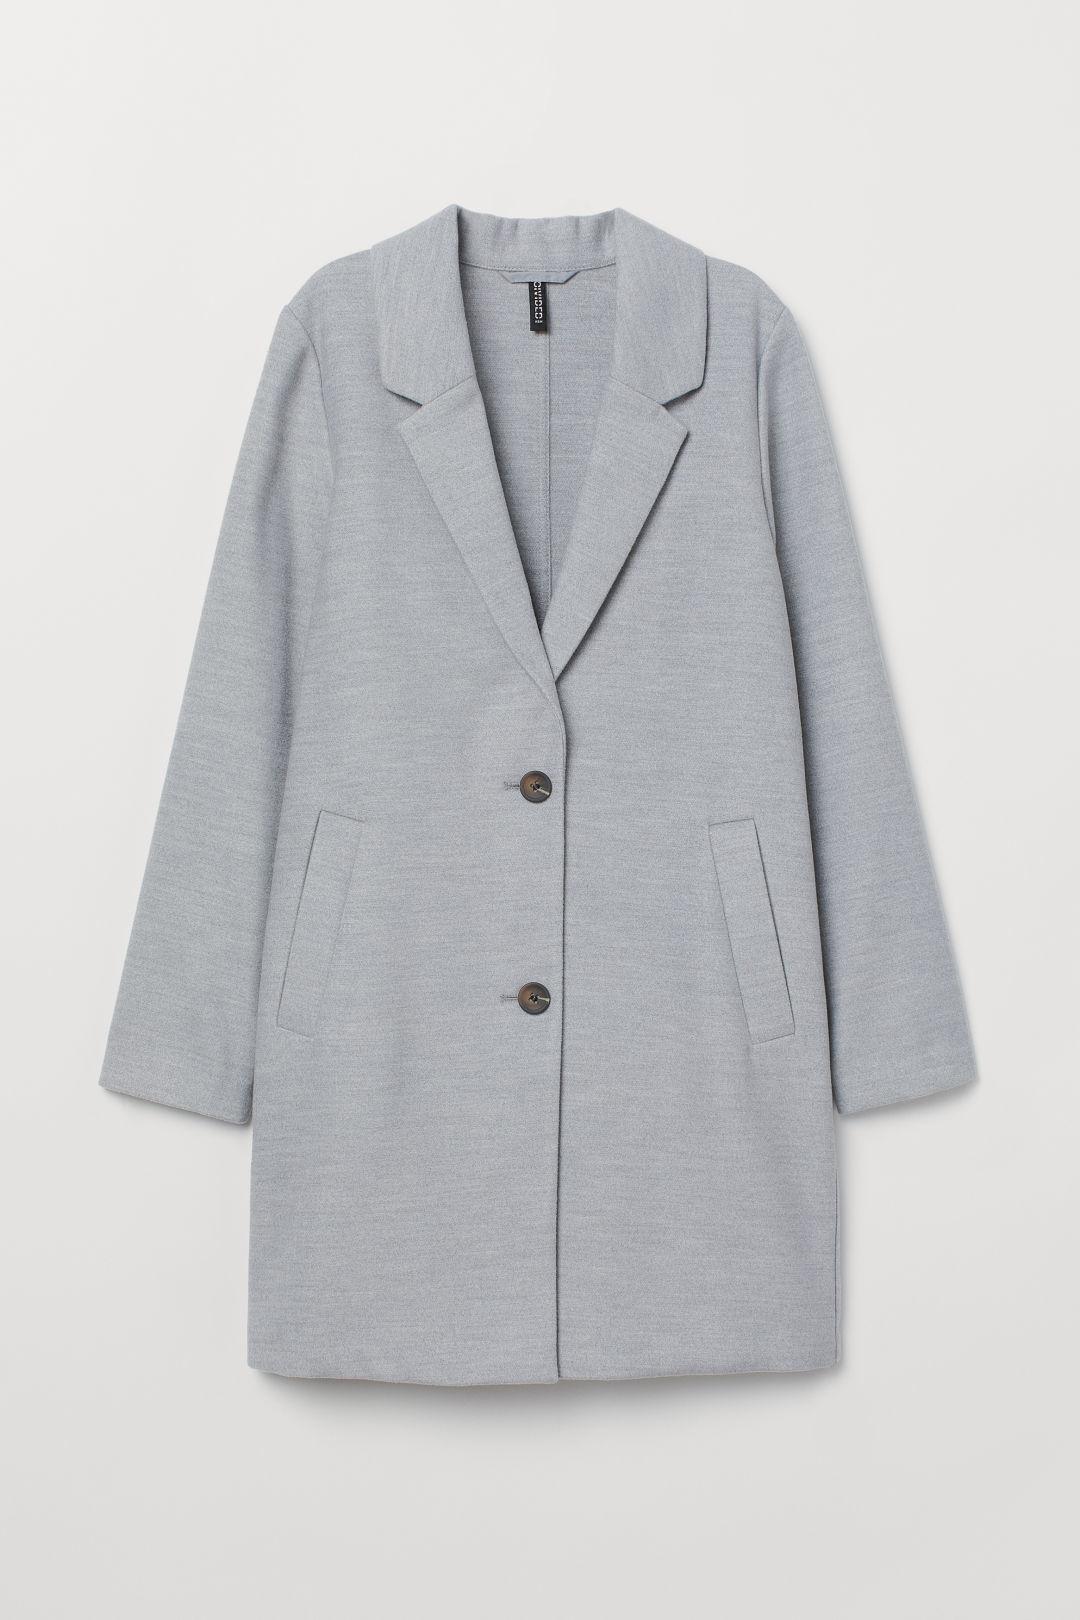 Abrigo gris H&M